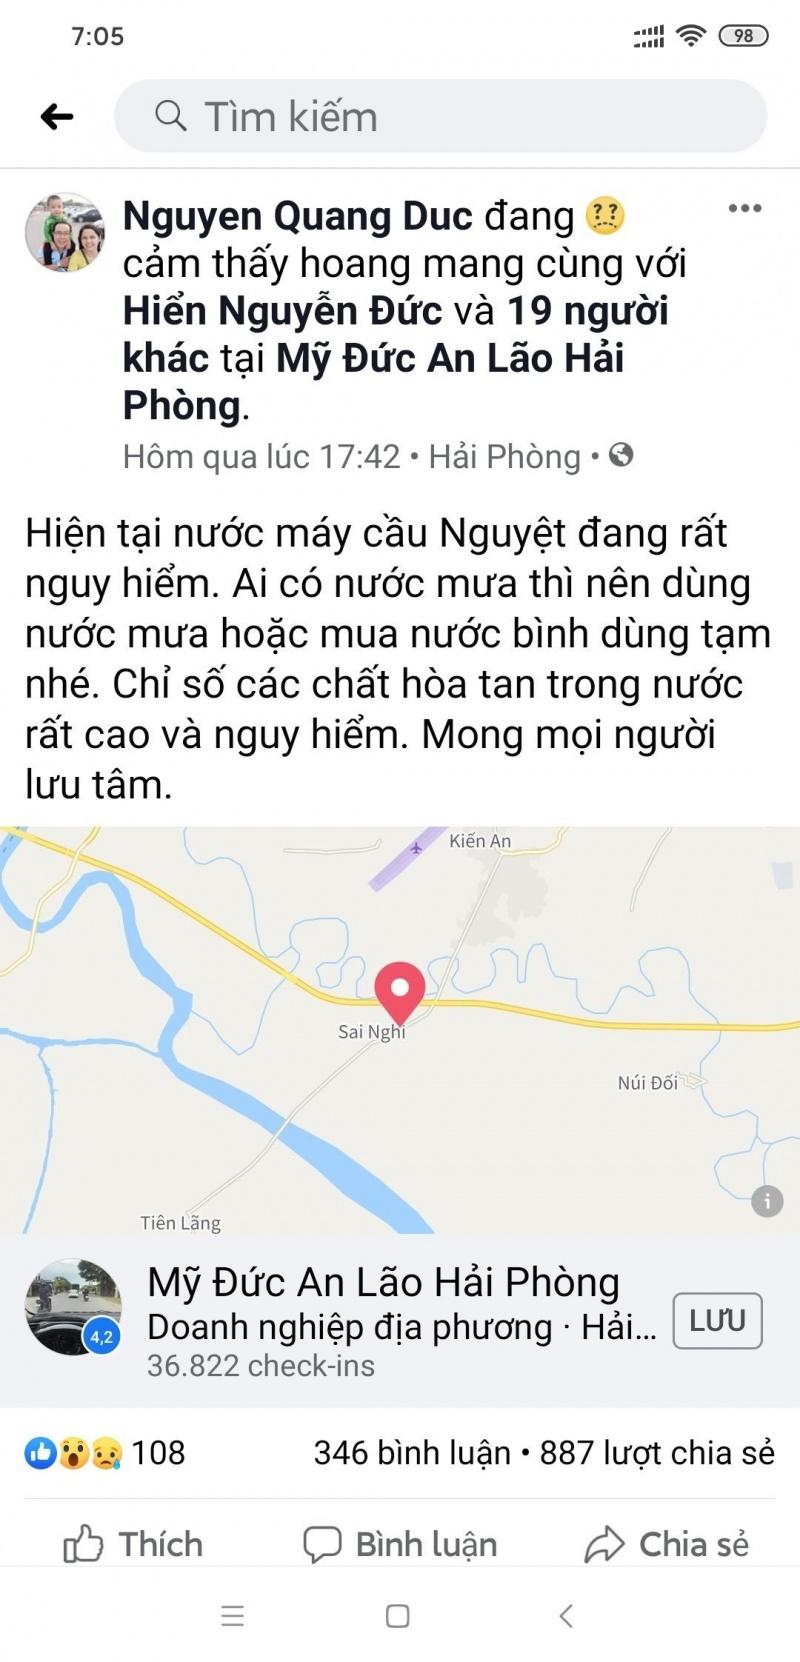 """Hải Phòng:  Xử lý vụ việc đăng tải thông tin """"nước máy cầu Nguyệt đang rất nguy hiểm"""" trên Mạng xã hội"""